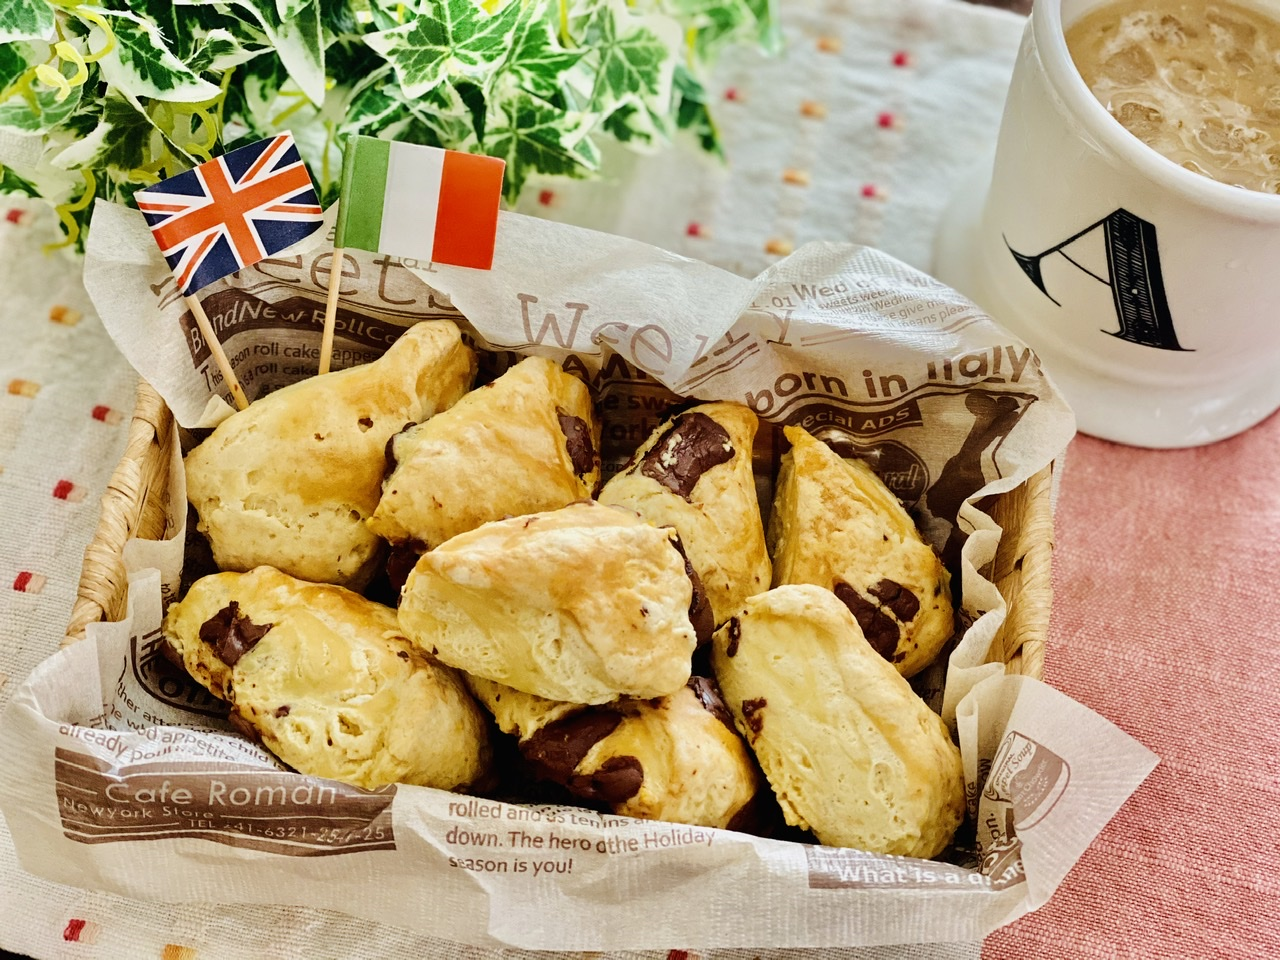 【おうちカフェ】超簡単なのに絶品★ホットケーキミックスでつくる人気レシピを実践♡-チョコチャンクスコーン-_1